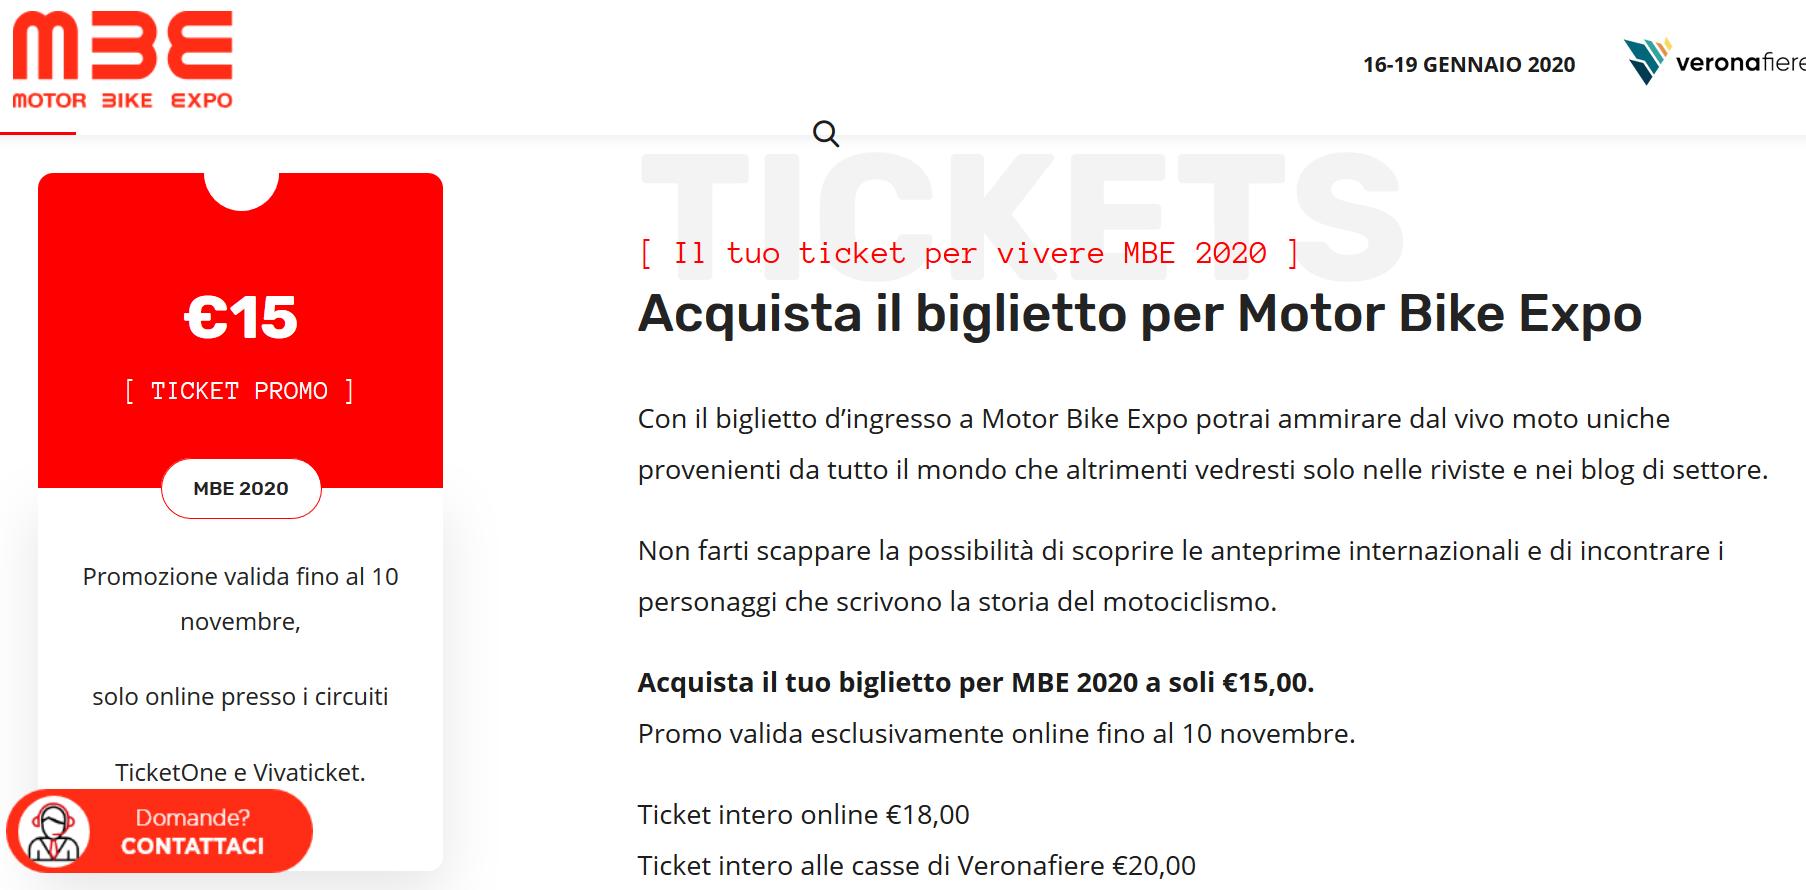 Motor Bke Expo 2020, biglietti scontati.